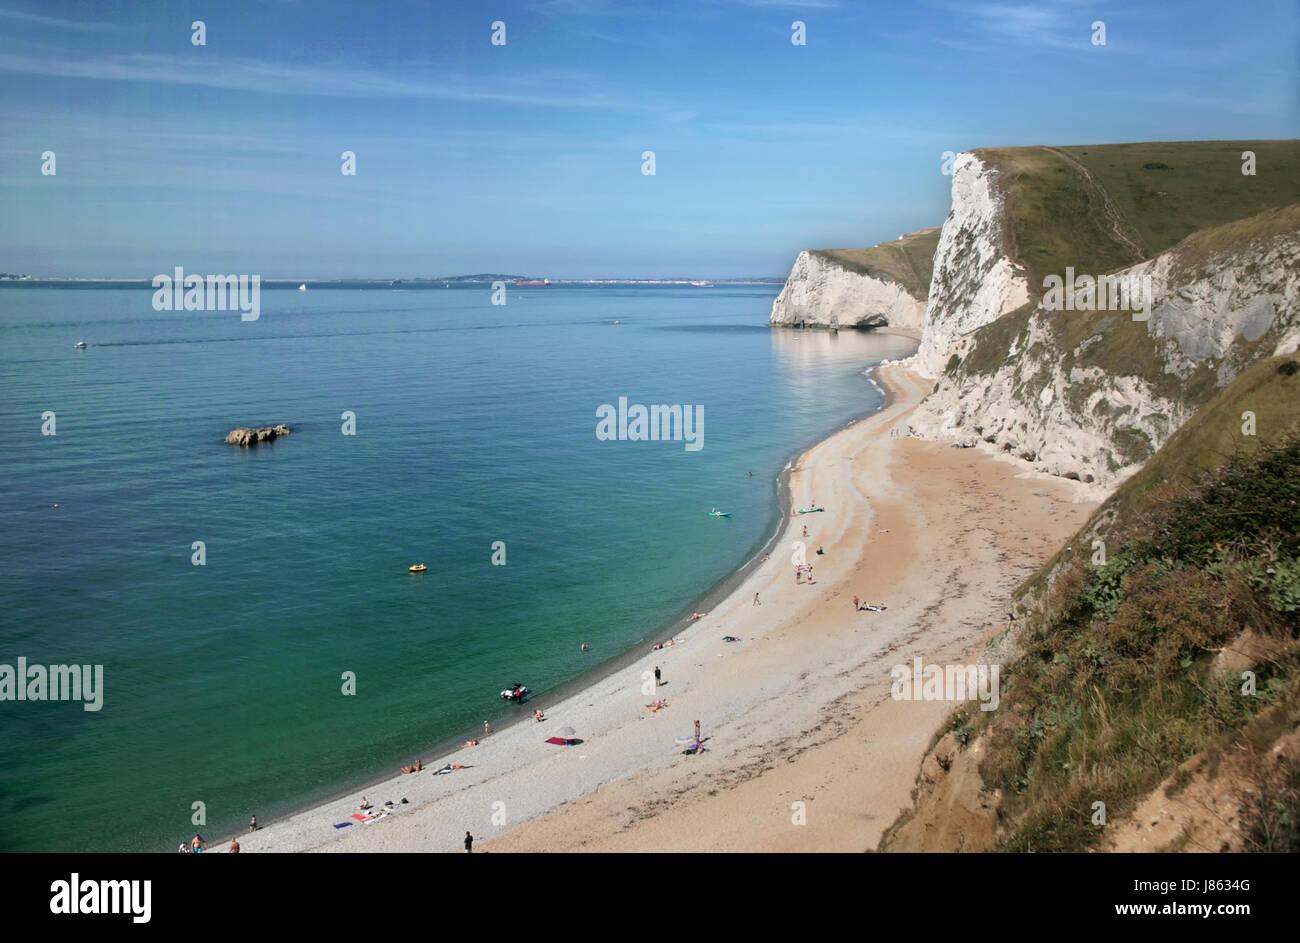 La vista al oeste a lo largo de la Costa Jurásica, en Dorset, puerta de Durdle Swyre con cabeza en el fondo y el Toro rock justo al mar Foto de stock